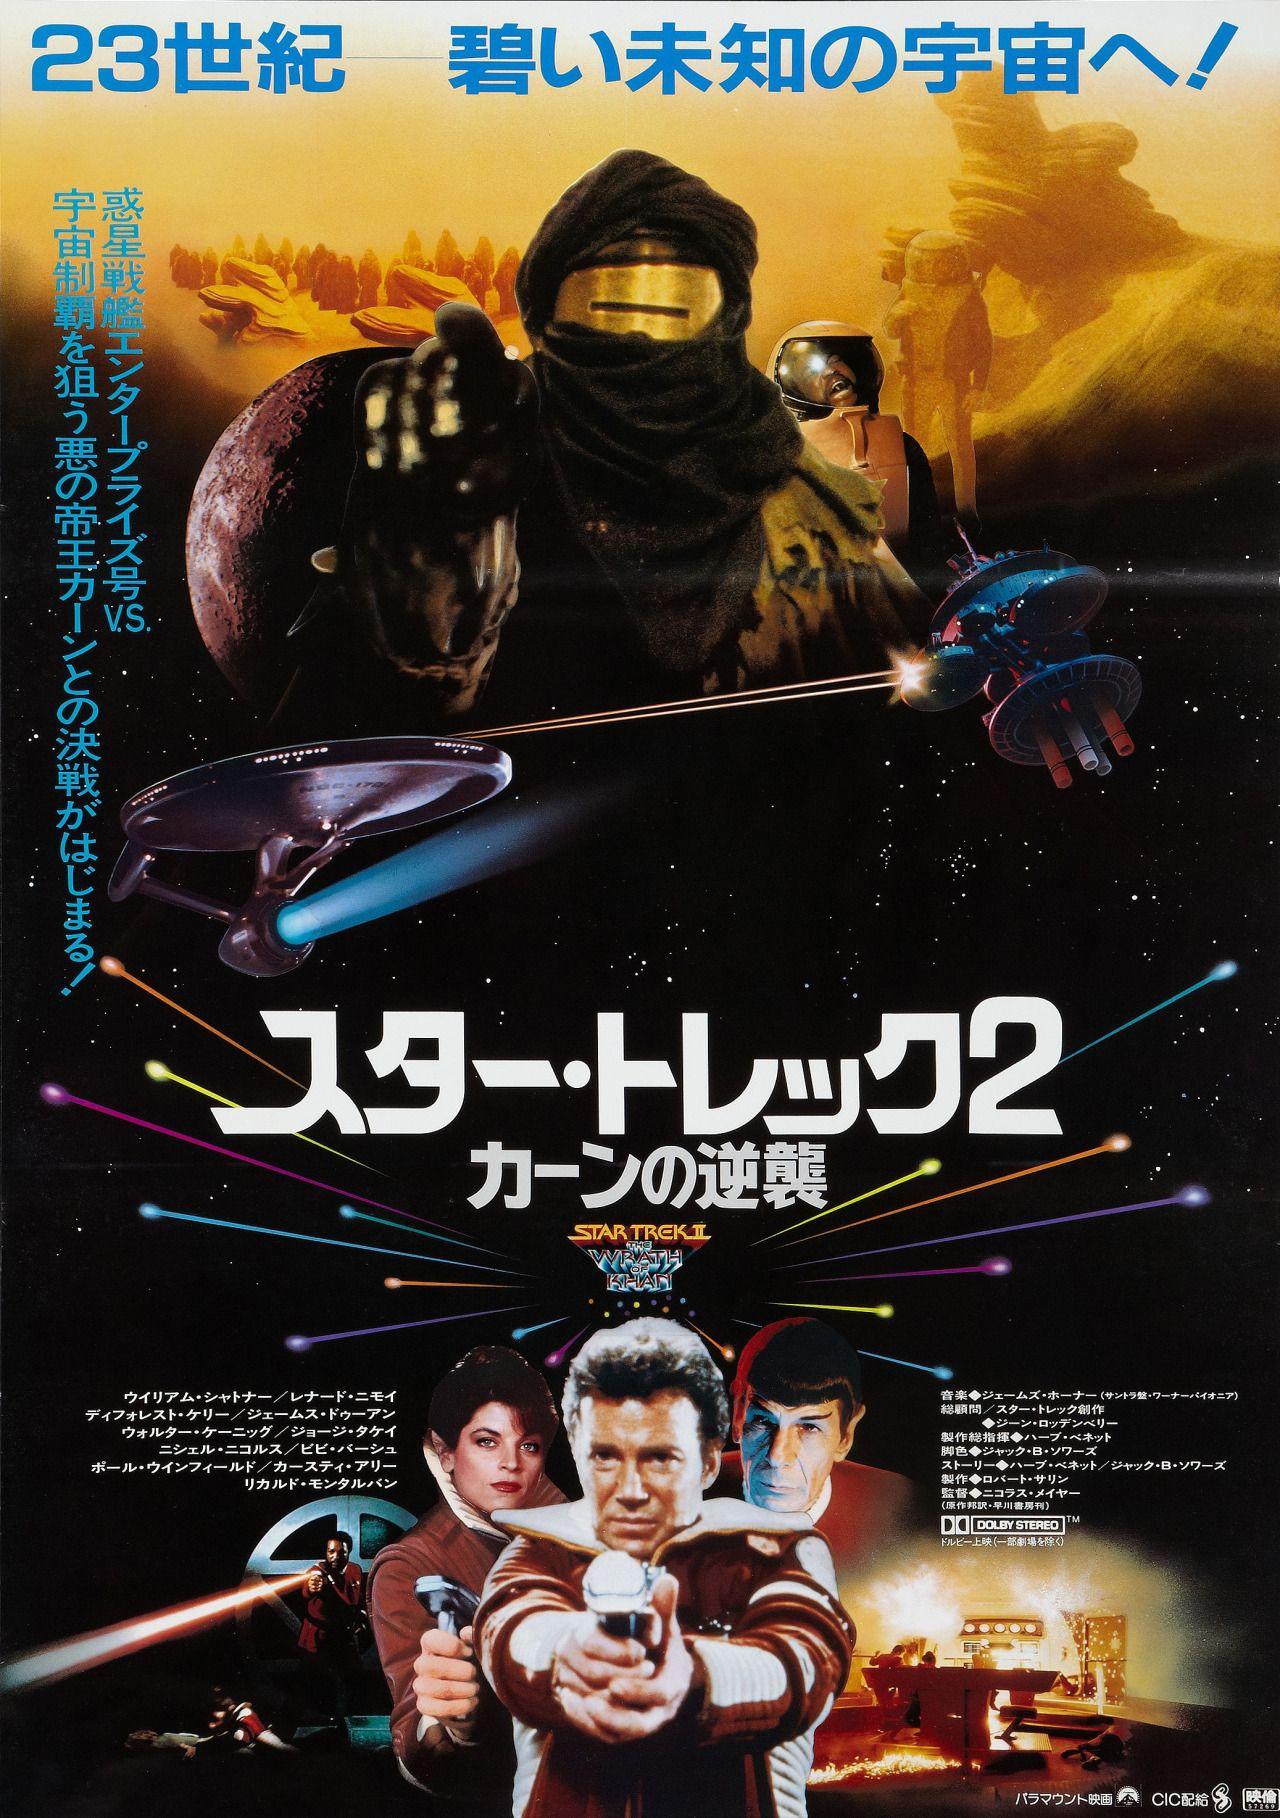 star trek ii the wrath of khan 1982 japanese b2 poster